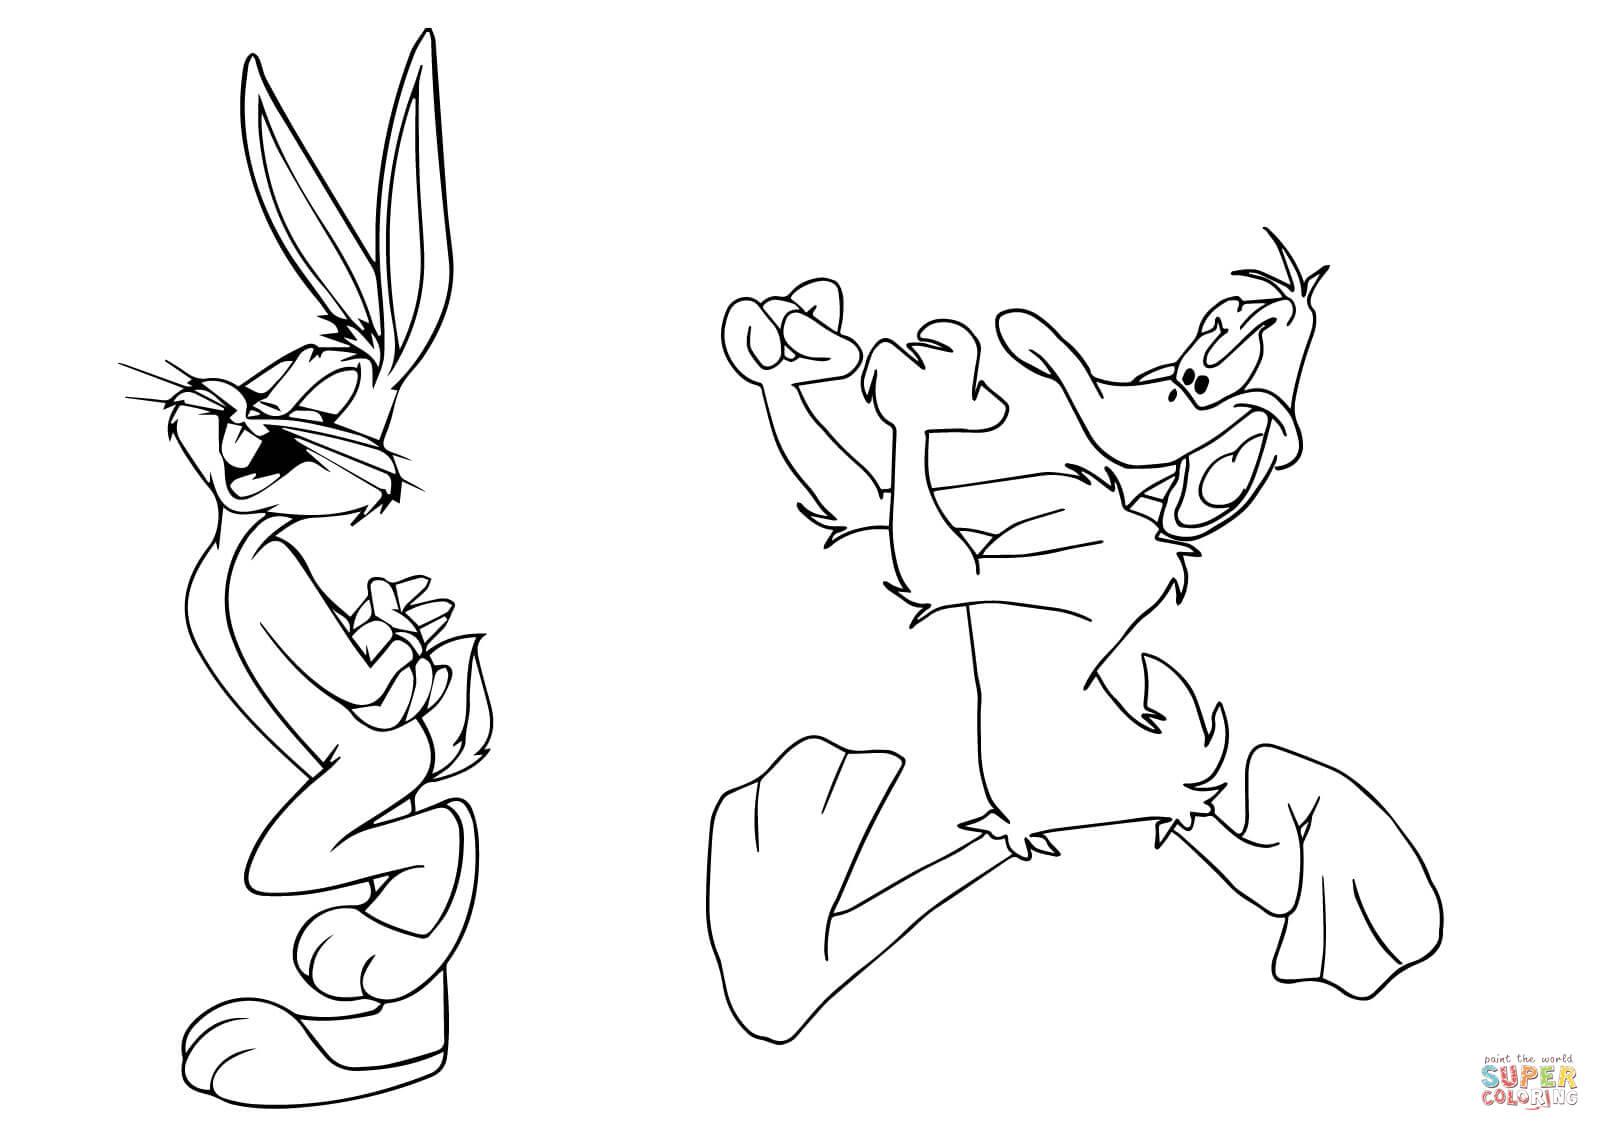 Bugs Bunny Toys